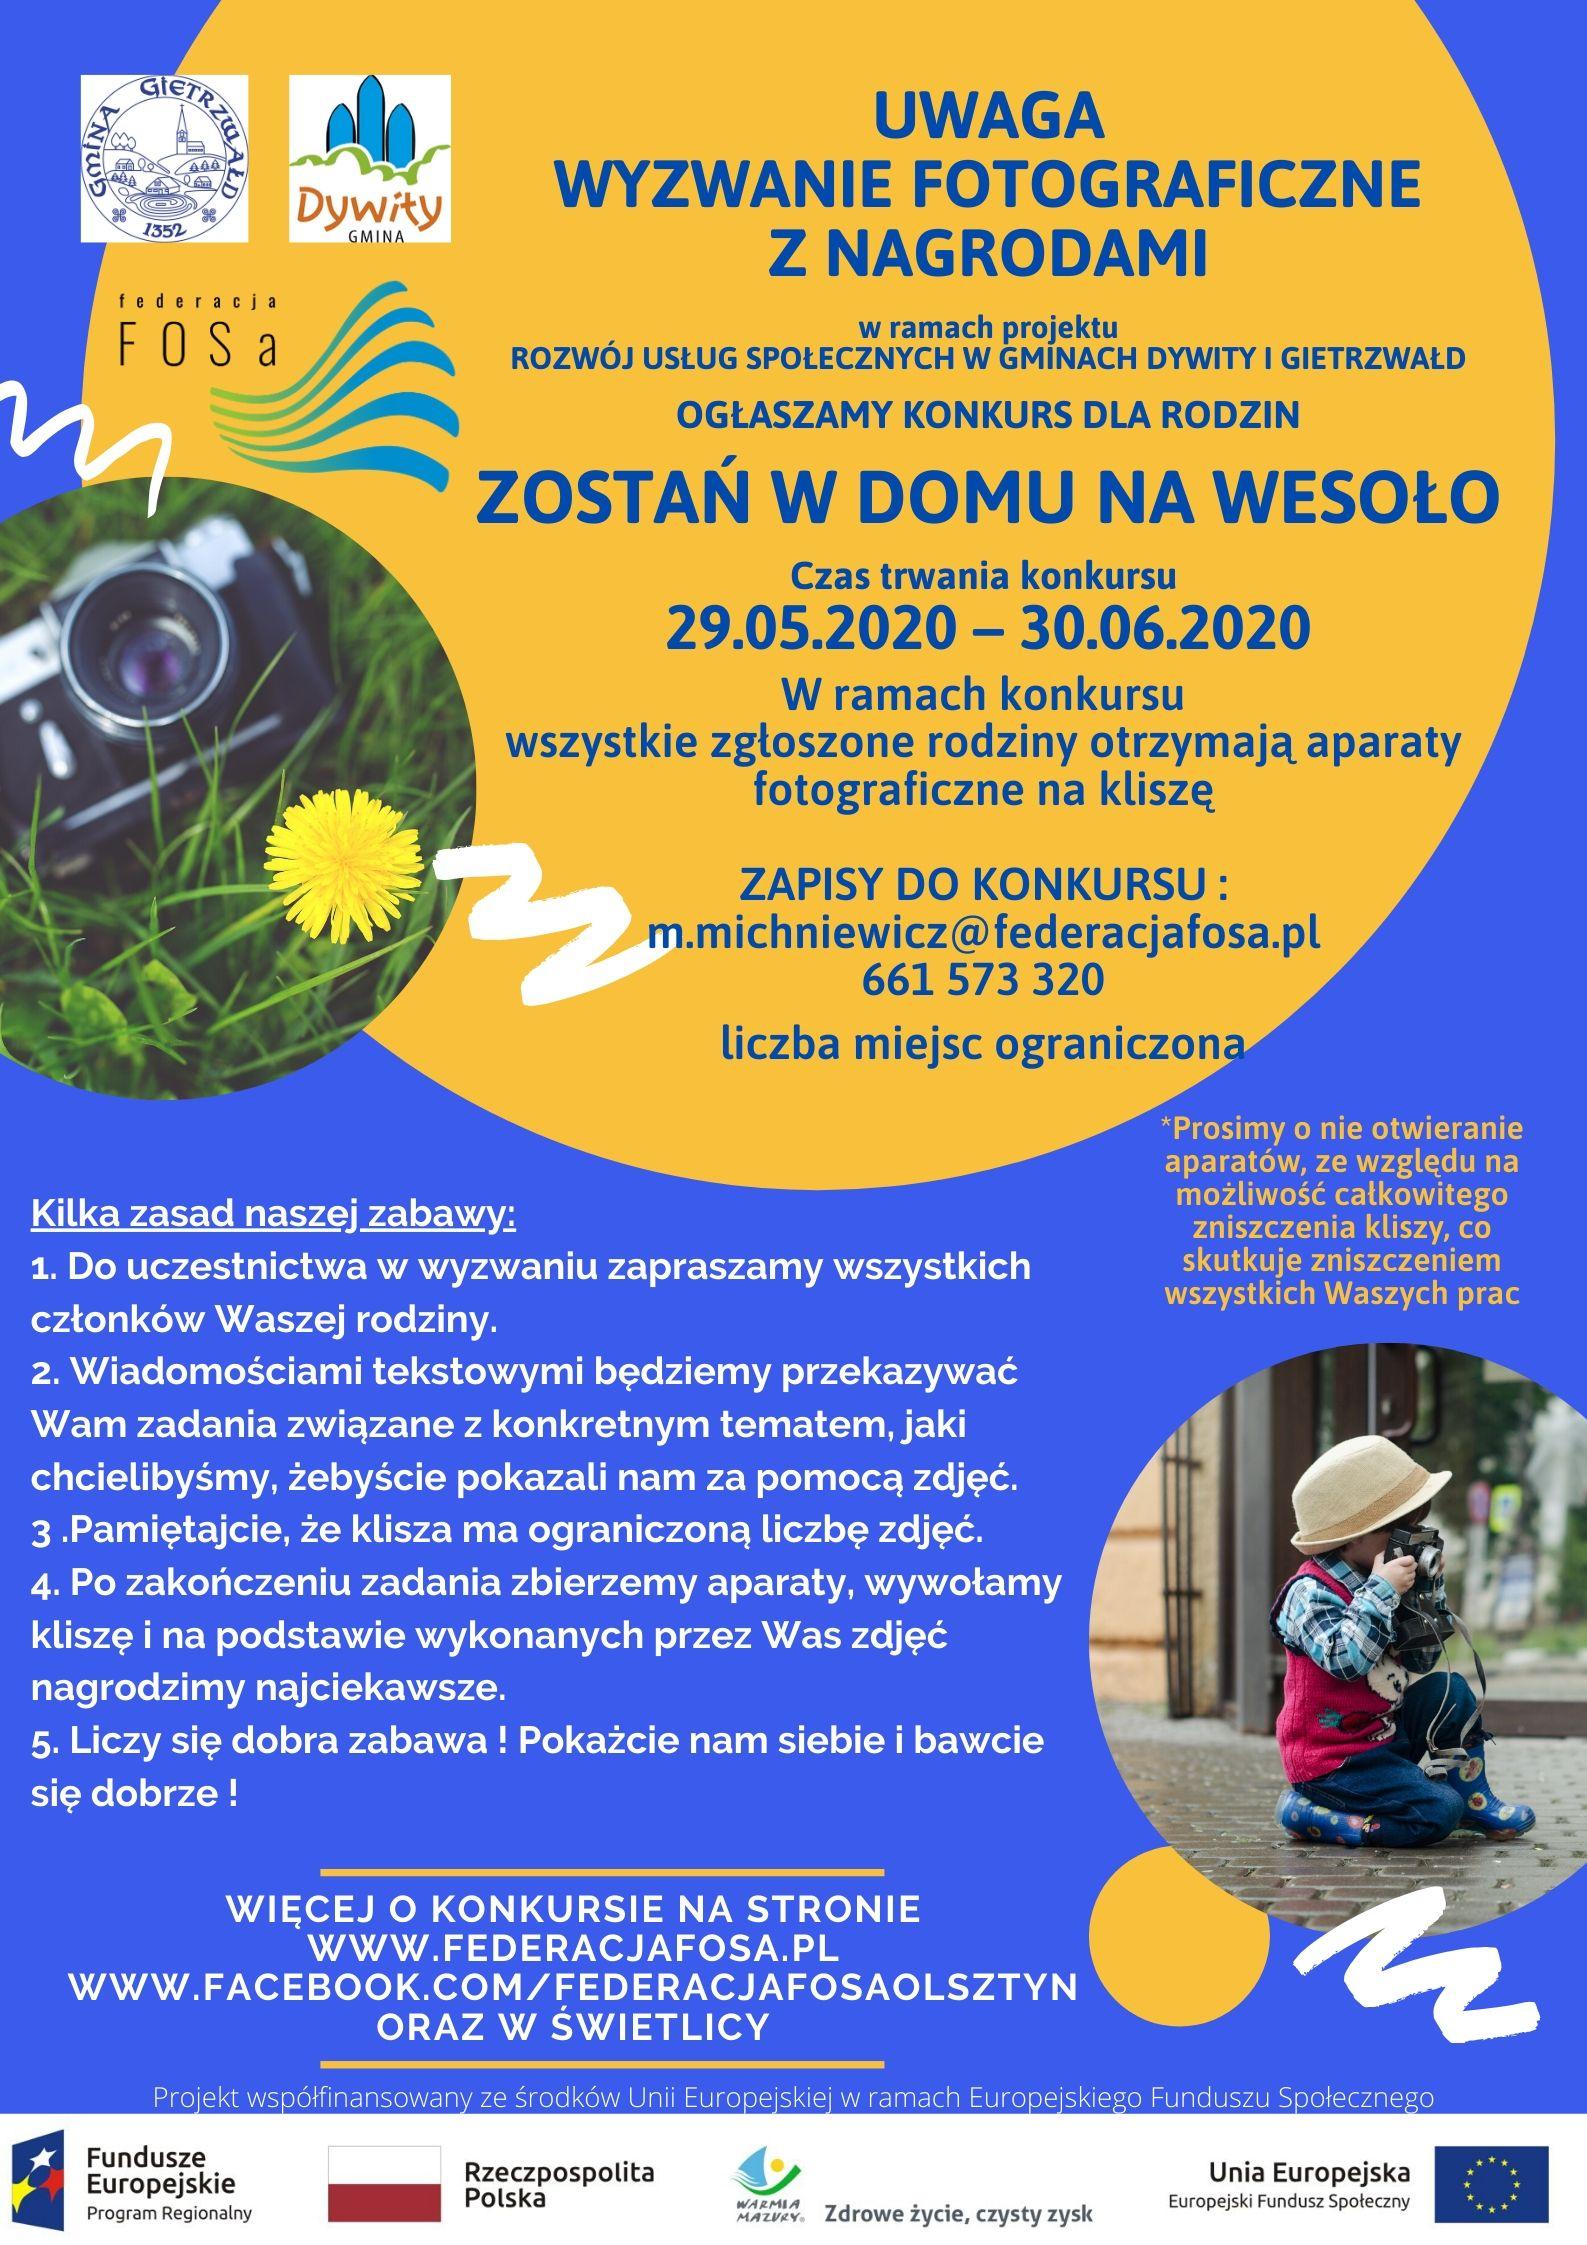 Zapraszamy mieszkańców gmin Dywity i Gietrzwałd na konkursy: fotograficzny i rysunkowy